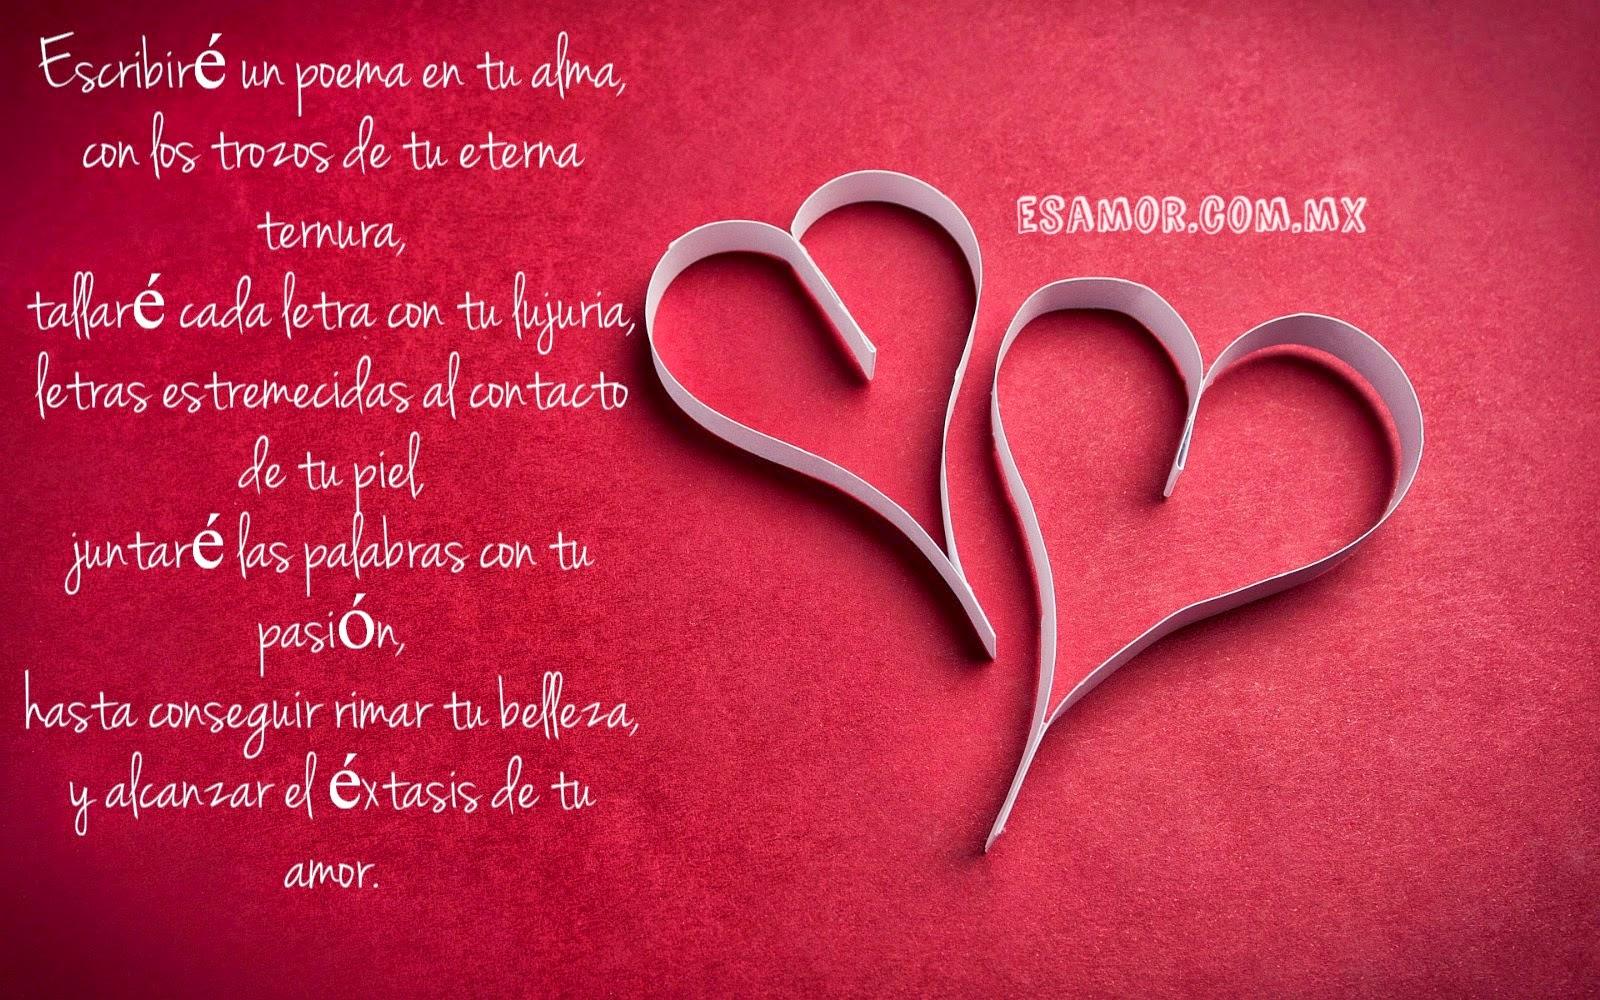 Poemas de amor Poemas cortos de amor todos para dedicar